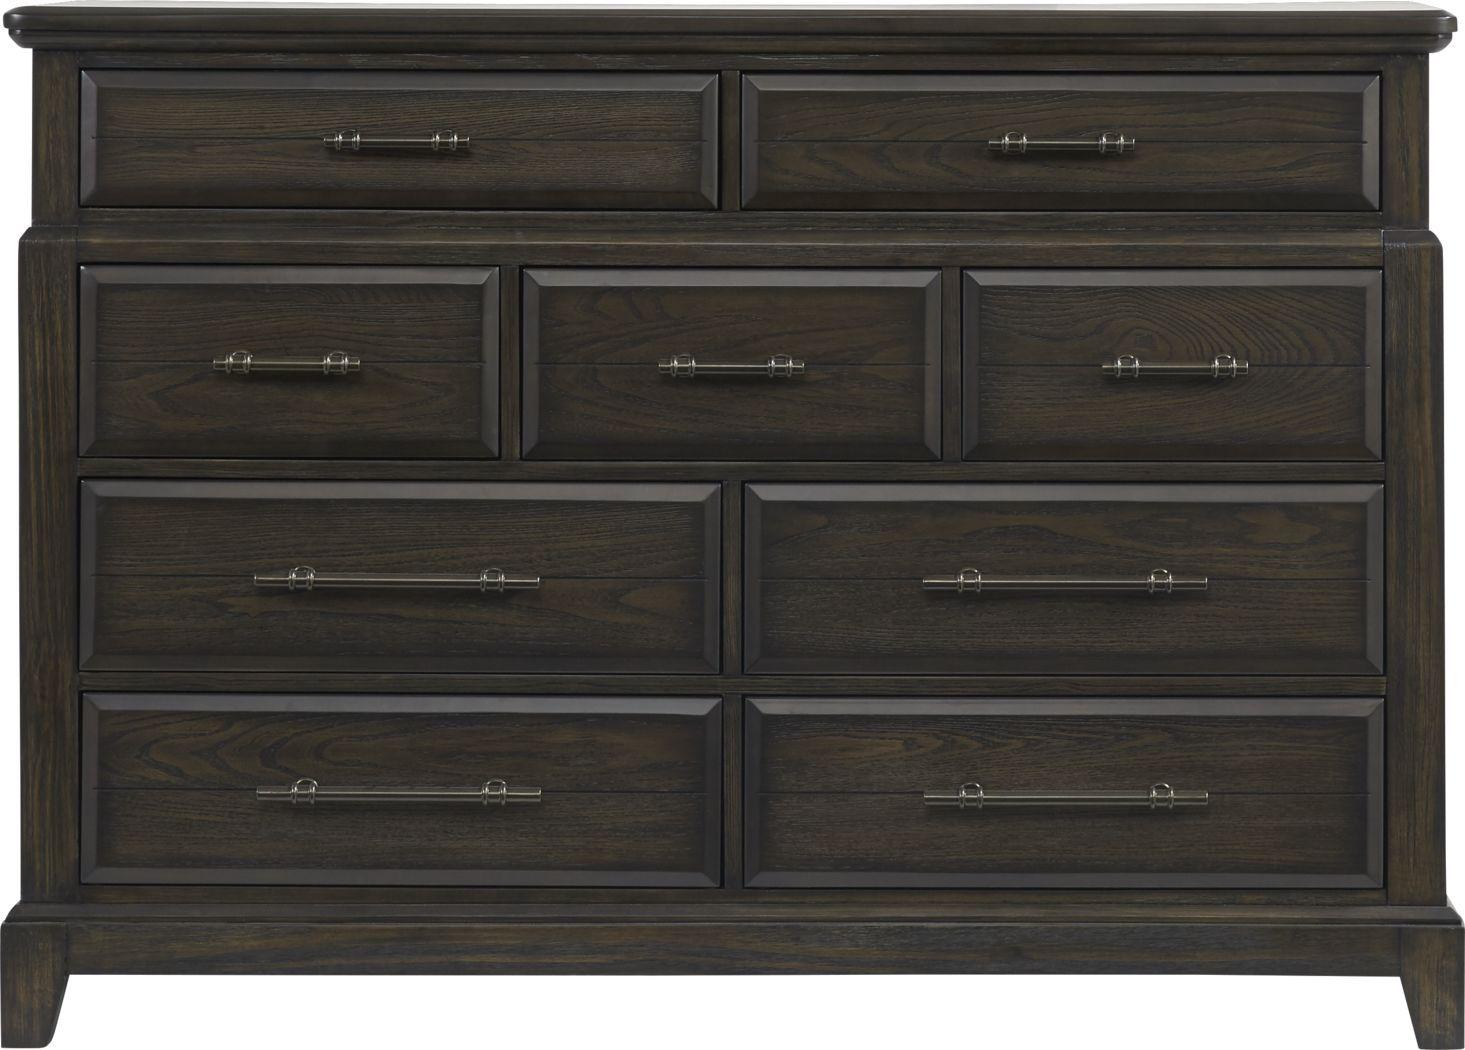 Montana Ridge Brown Dresser In 2021 Brown Dresser Dressers For Sale Bedroom Panel [ 1050 x 1465 Pixel ]